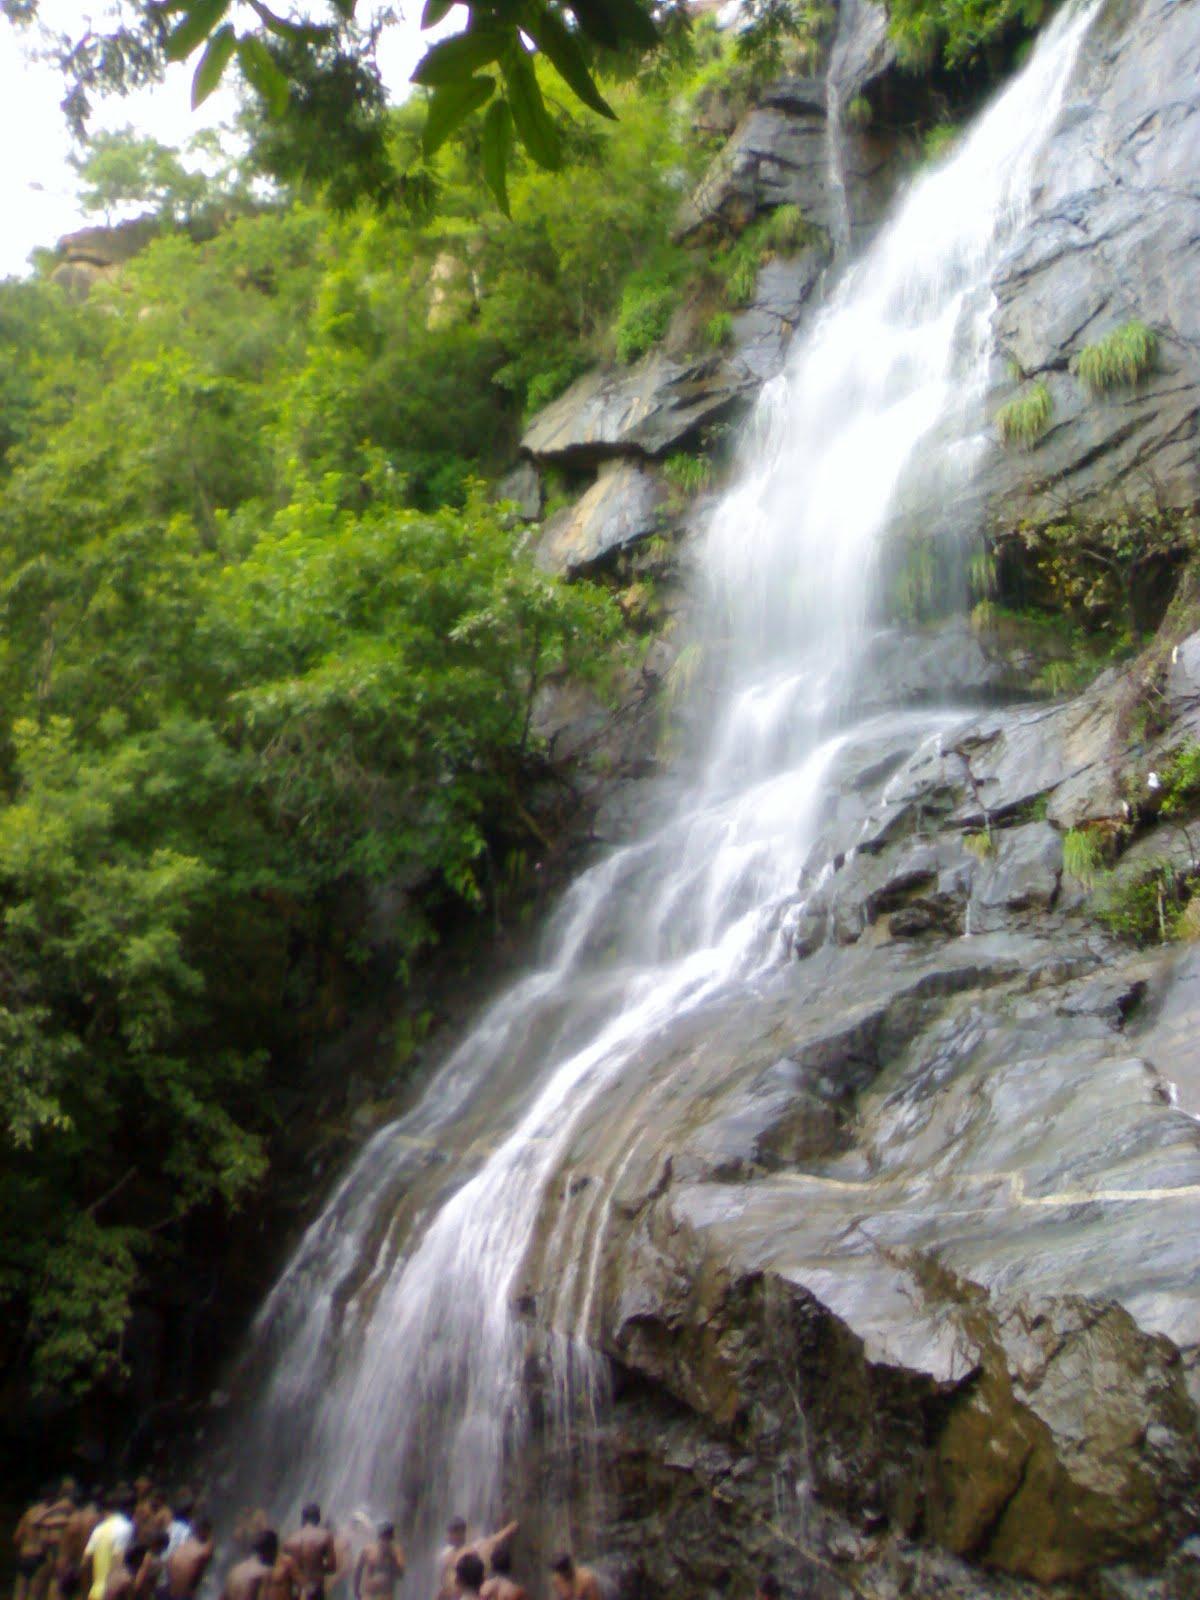 Kutladampatti Falls, near Madurai